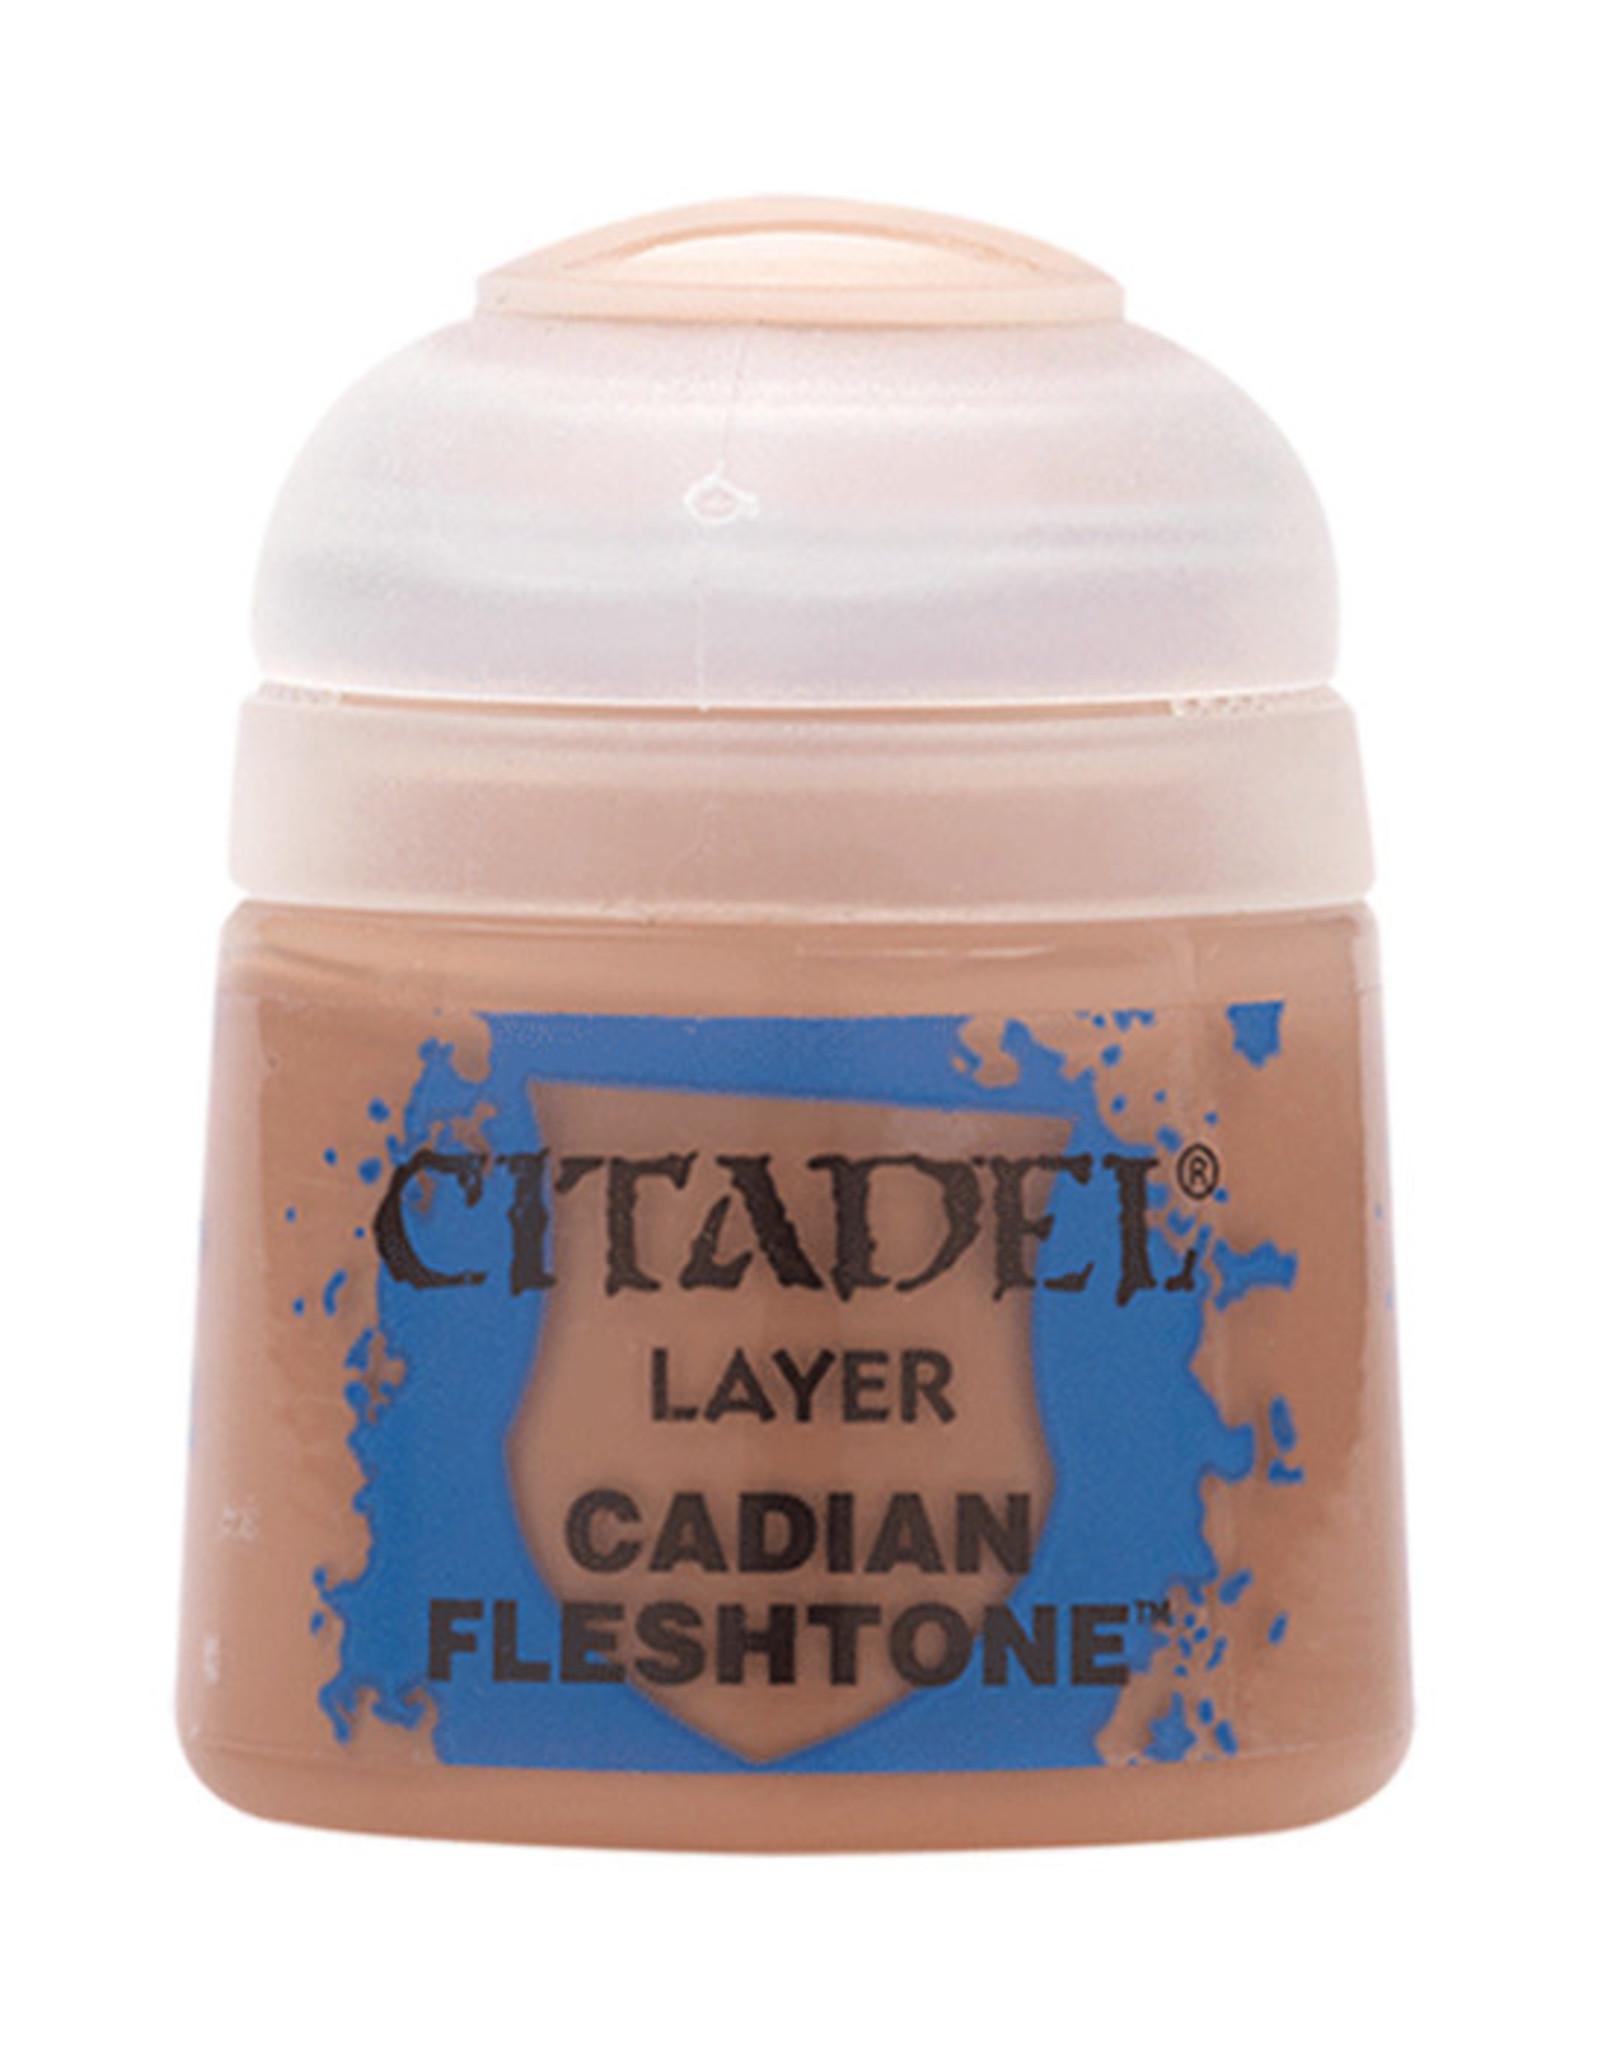 Citadel Citadel Colour: Layer - Cadian Fleshtone